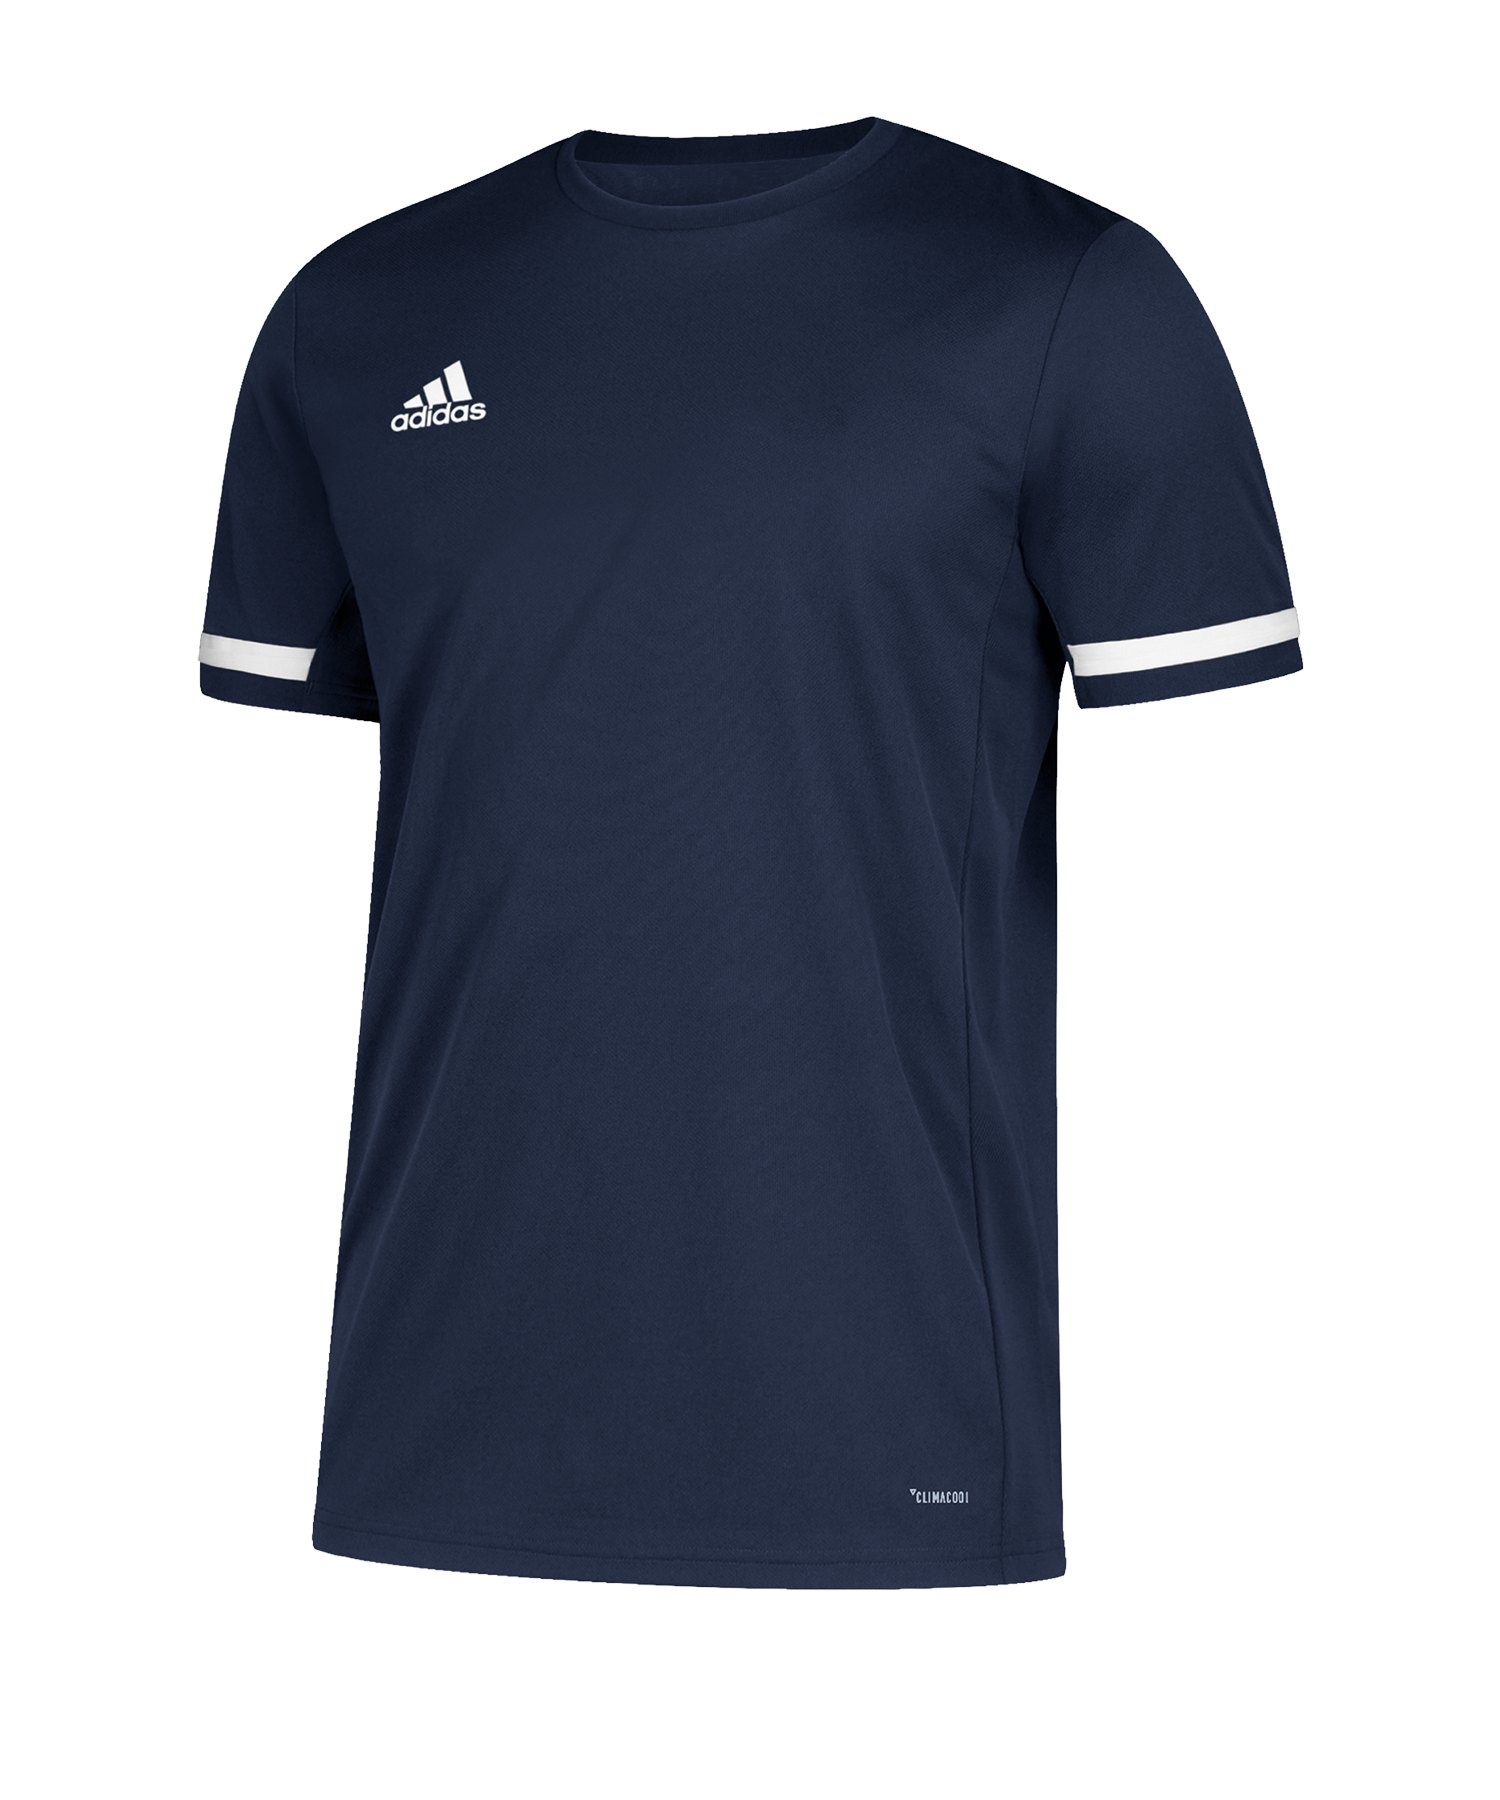 adidas Team 19 Trikot kurzarm Damen Blau Weiss - blau